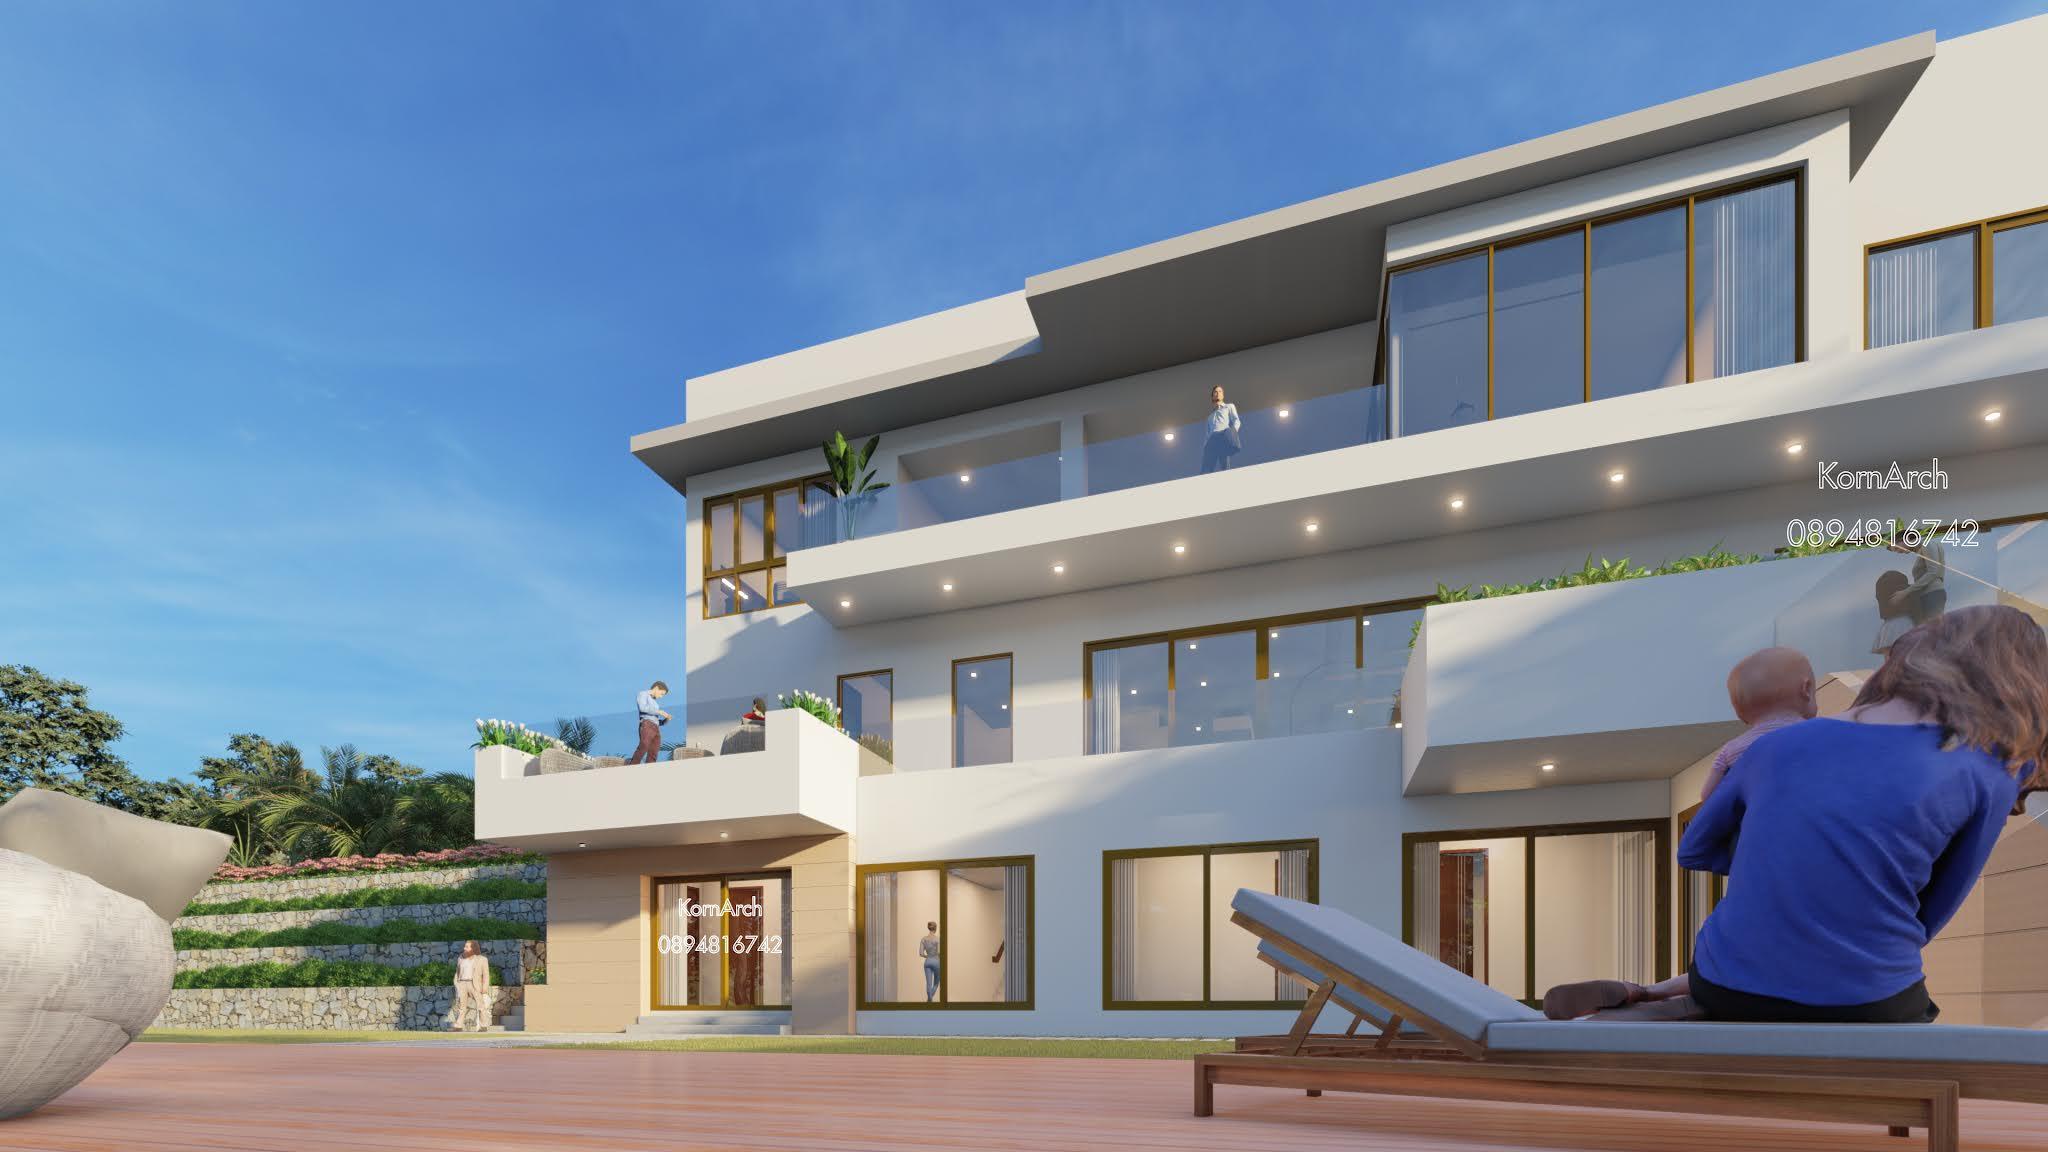 แบบบ้าน3ชั้น เจ้าของอาคาร คุณพลอย สถานที่ก่อสร้าง นครหลวงเวียงจันทน์ สาธารณรัฐประชาธิปไตยประชาชนลาว